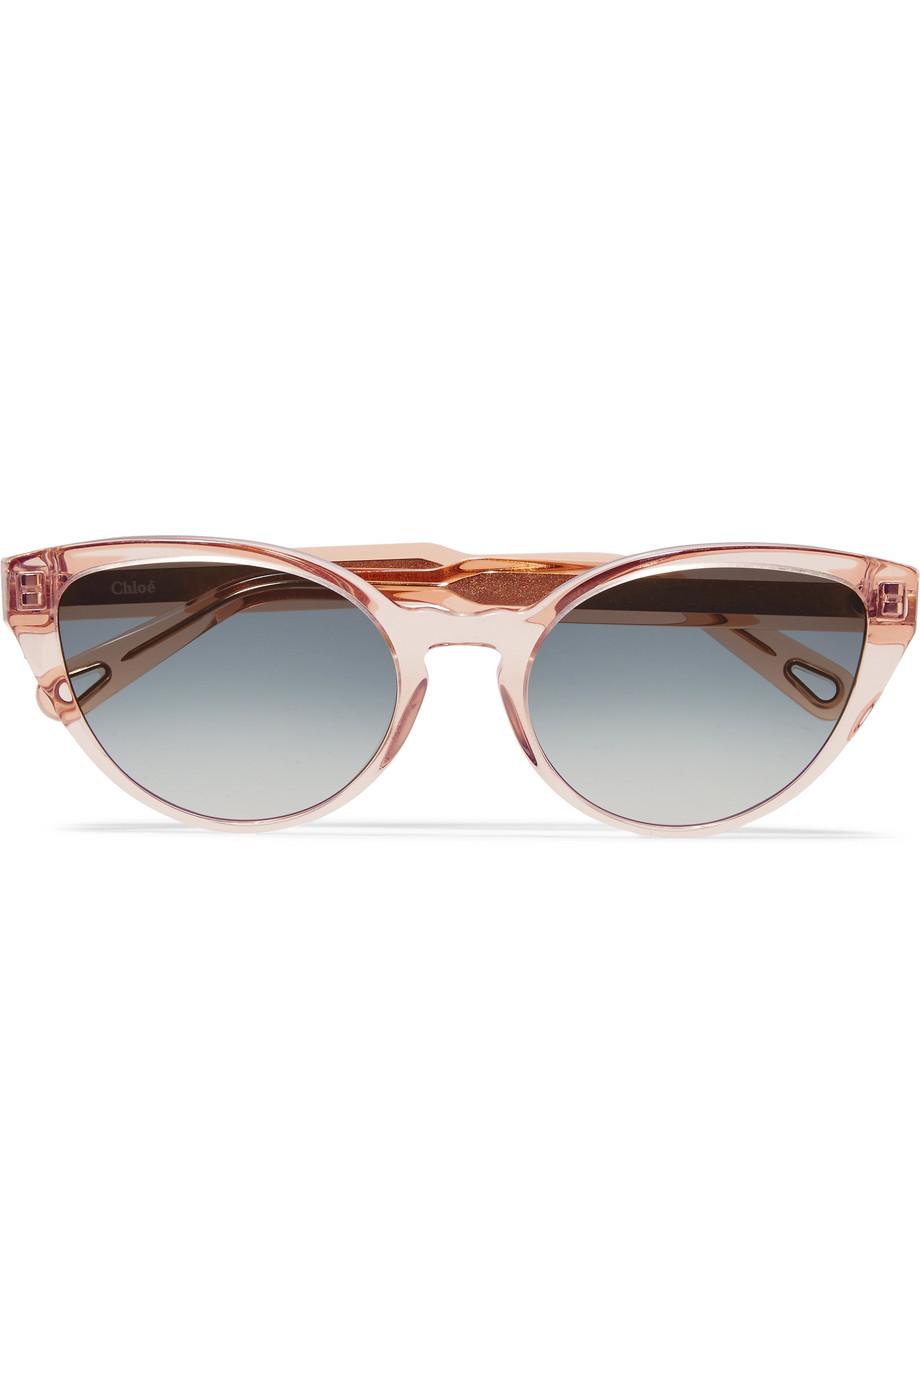 نظارات شمسية باللون الزهري المميز من Chloé